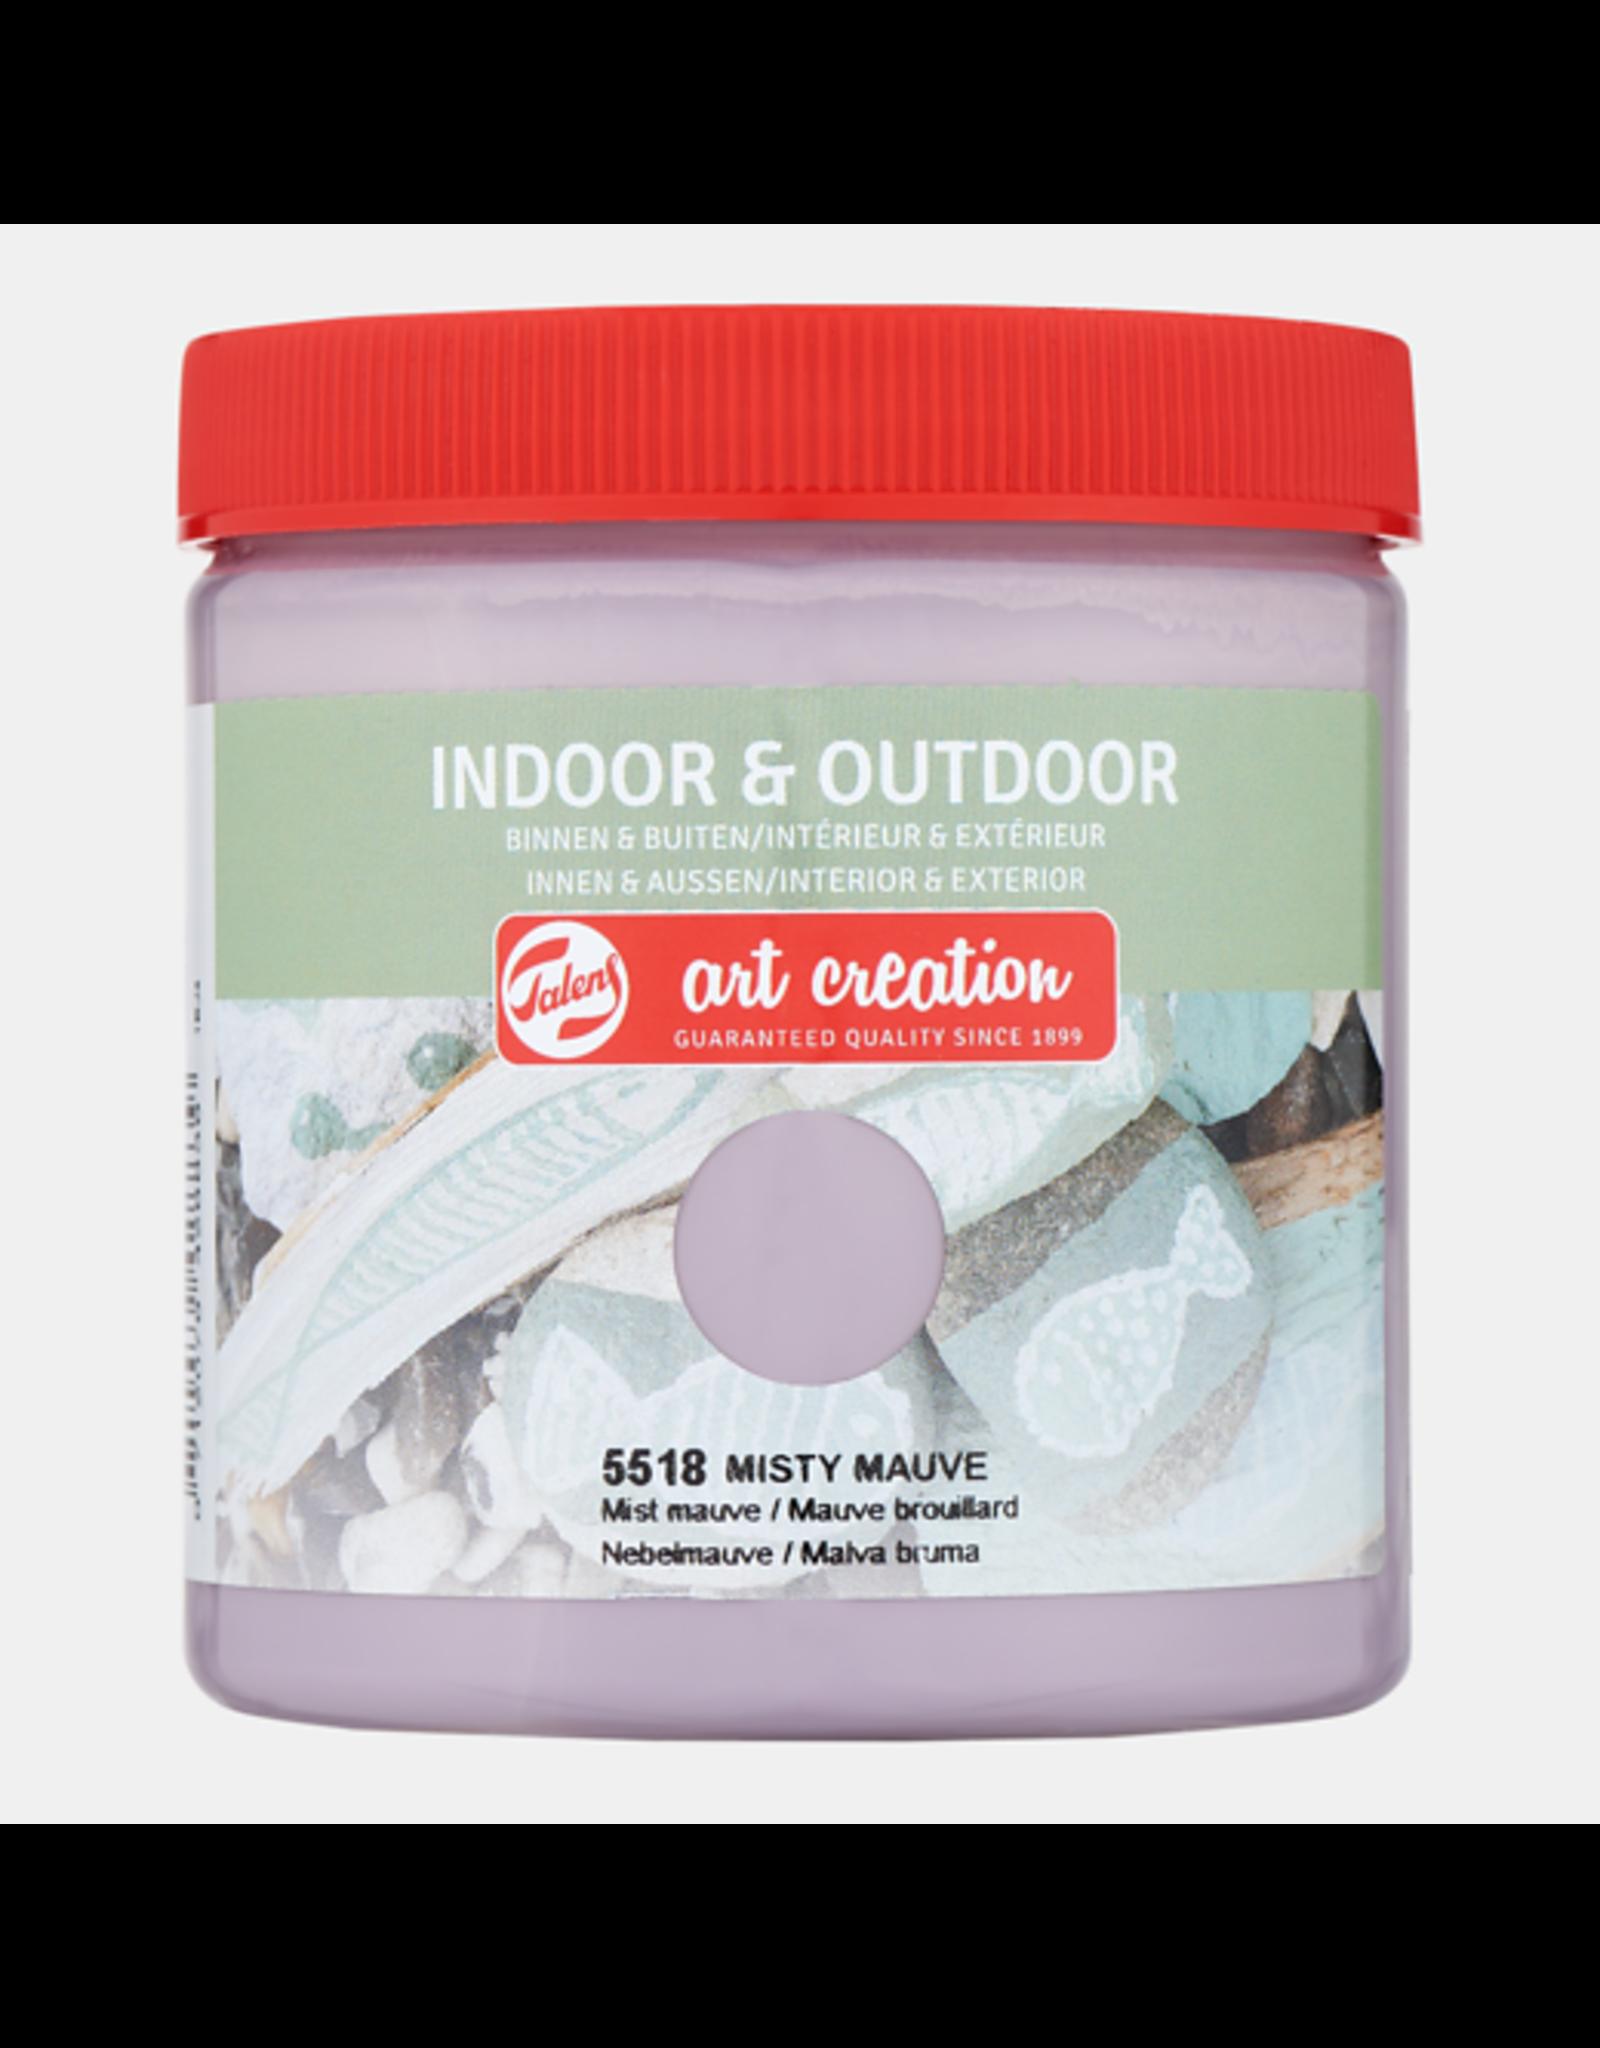 Art creation Mist mauve - Indoor & Outdoor - 250 ml